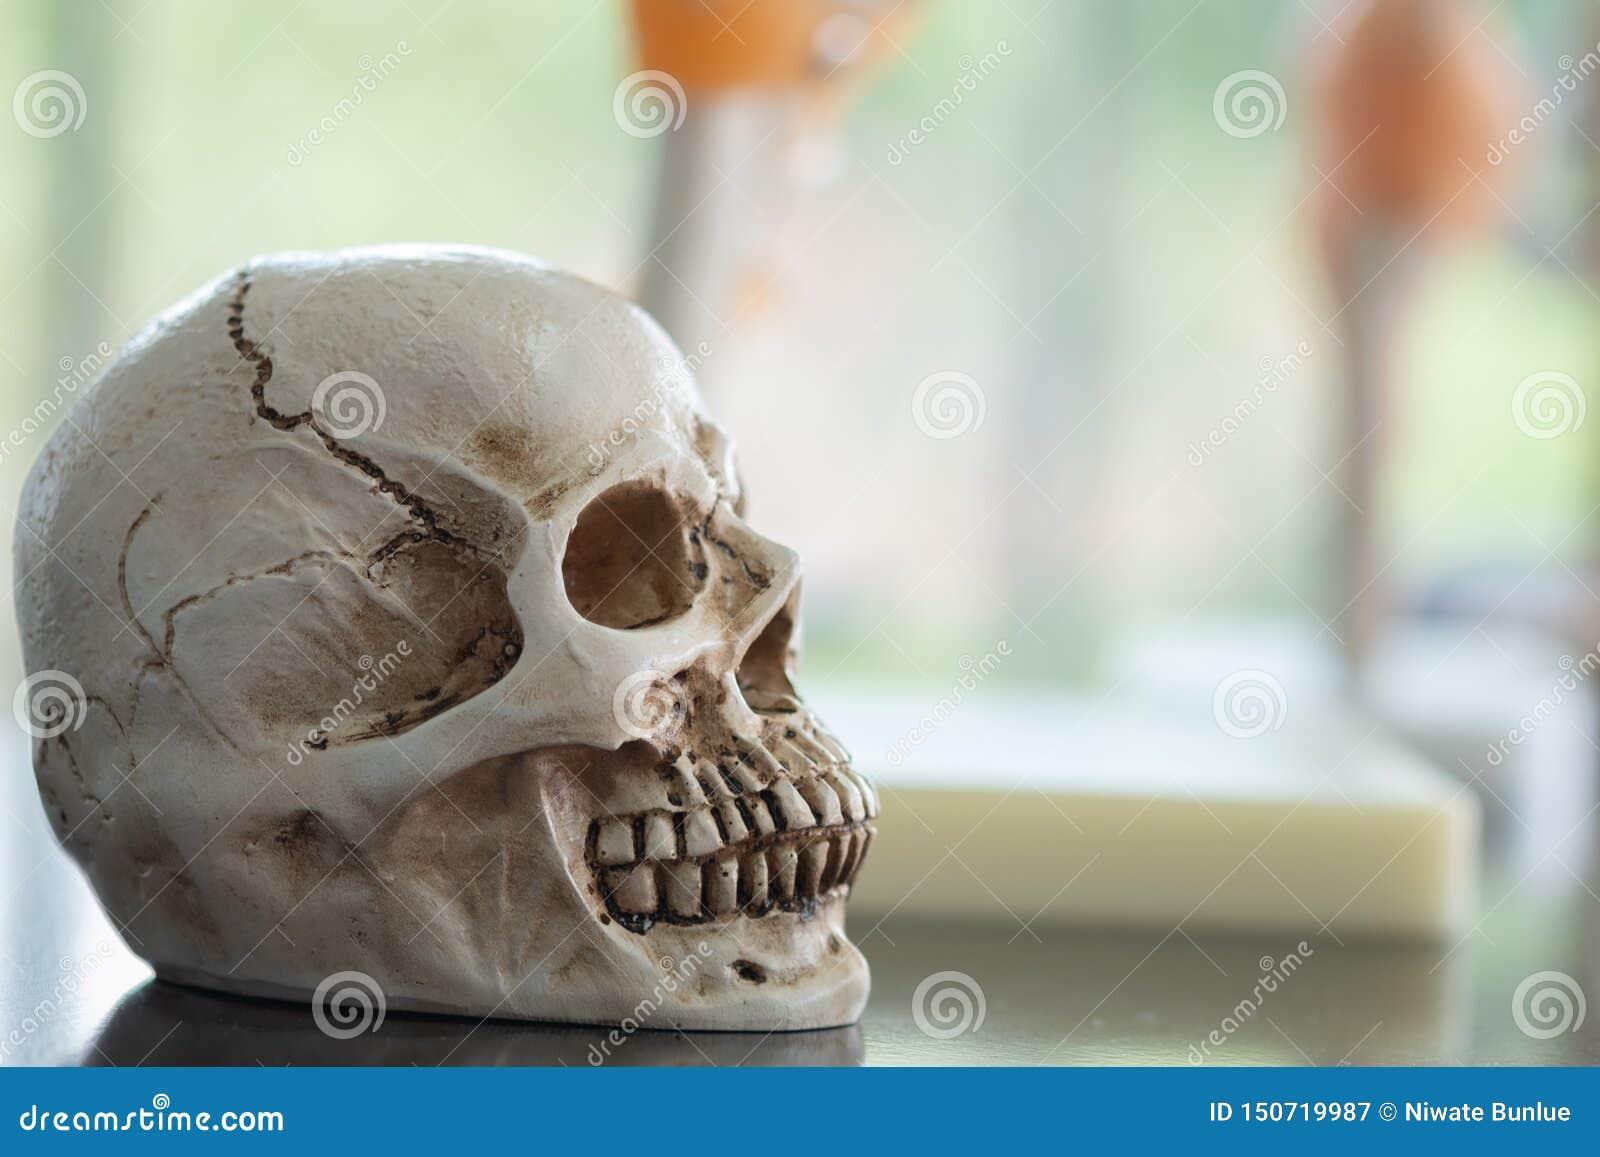 Crânios humanos para o uso na educação